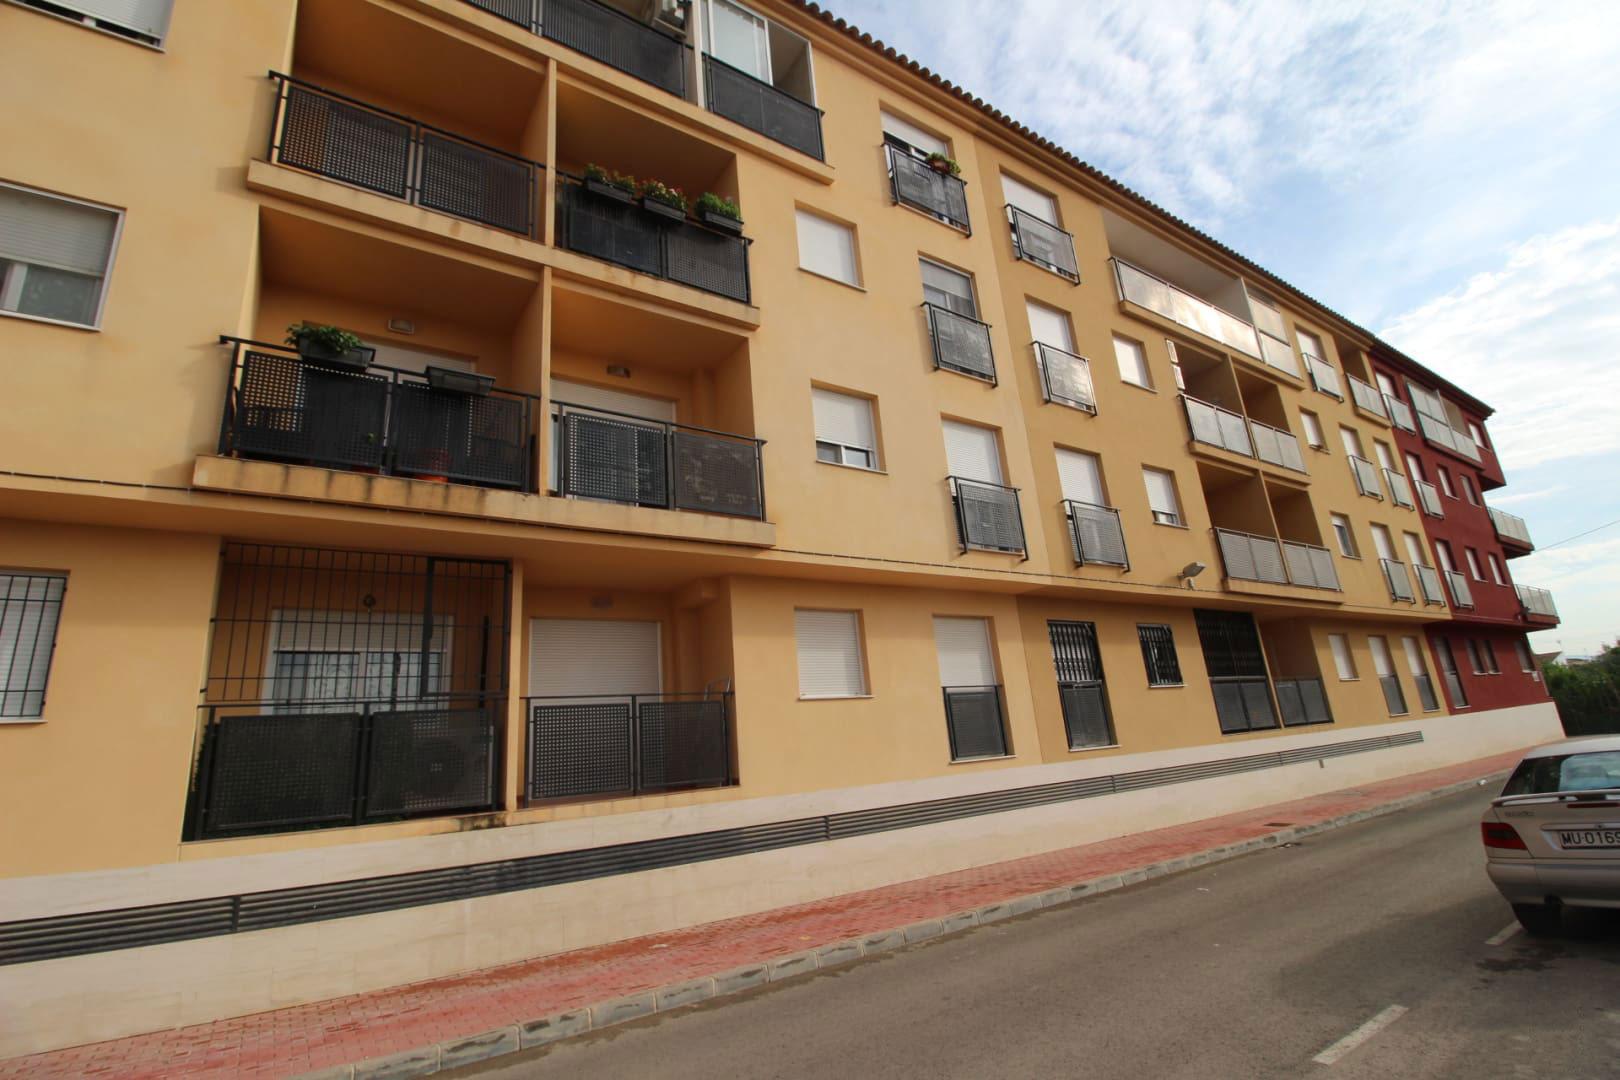 Piso en venta en Pedanía de El Raal, Murcia, Murcia, Calle Miguel de la Nieves, 100.800 €, 4 habitaciones, 2 baños, 152 m2